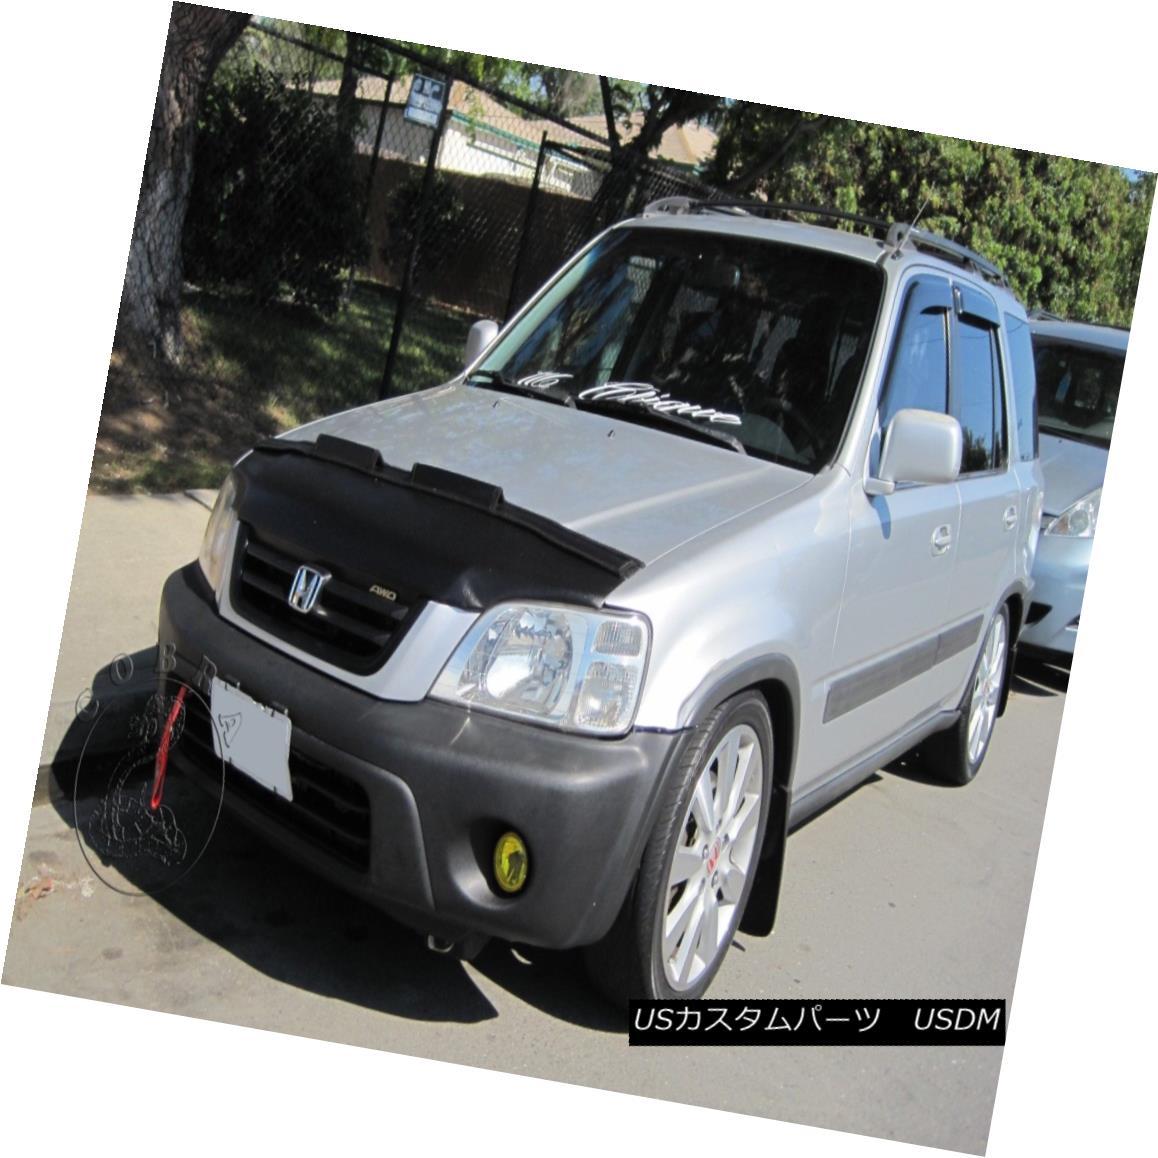 フルブラ ノーズブラ Car Bonnet Mask Hood Bra Fits Honda CR-V 1997 1998 1999 2000 2001 カーボンネットマスクフードブラはホンダCR-Vに適合1997 1997 1999 2000 2001